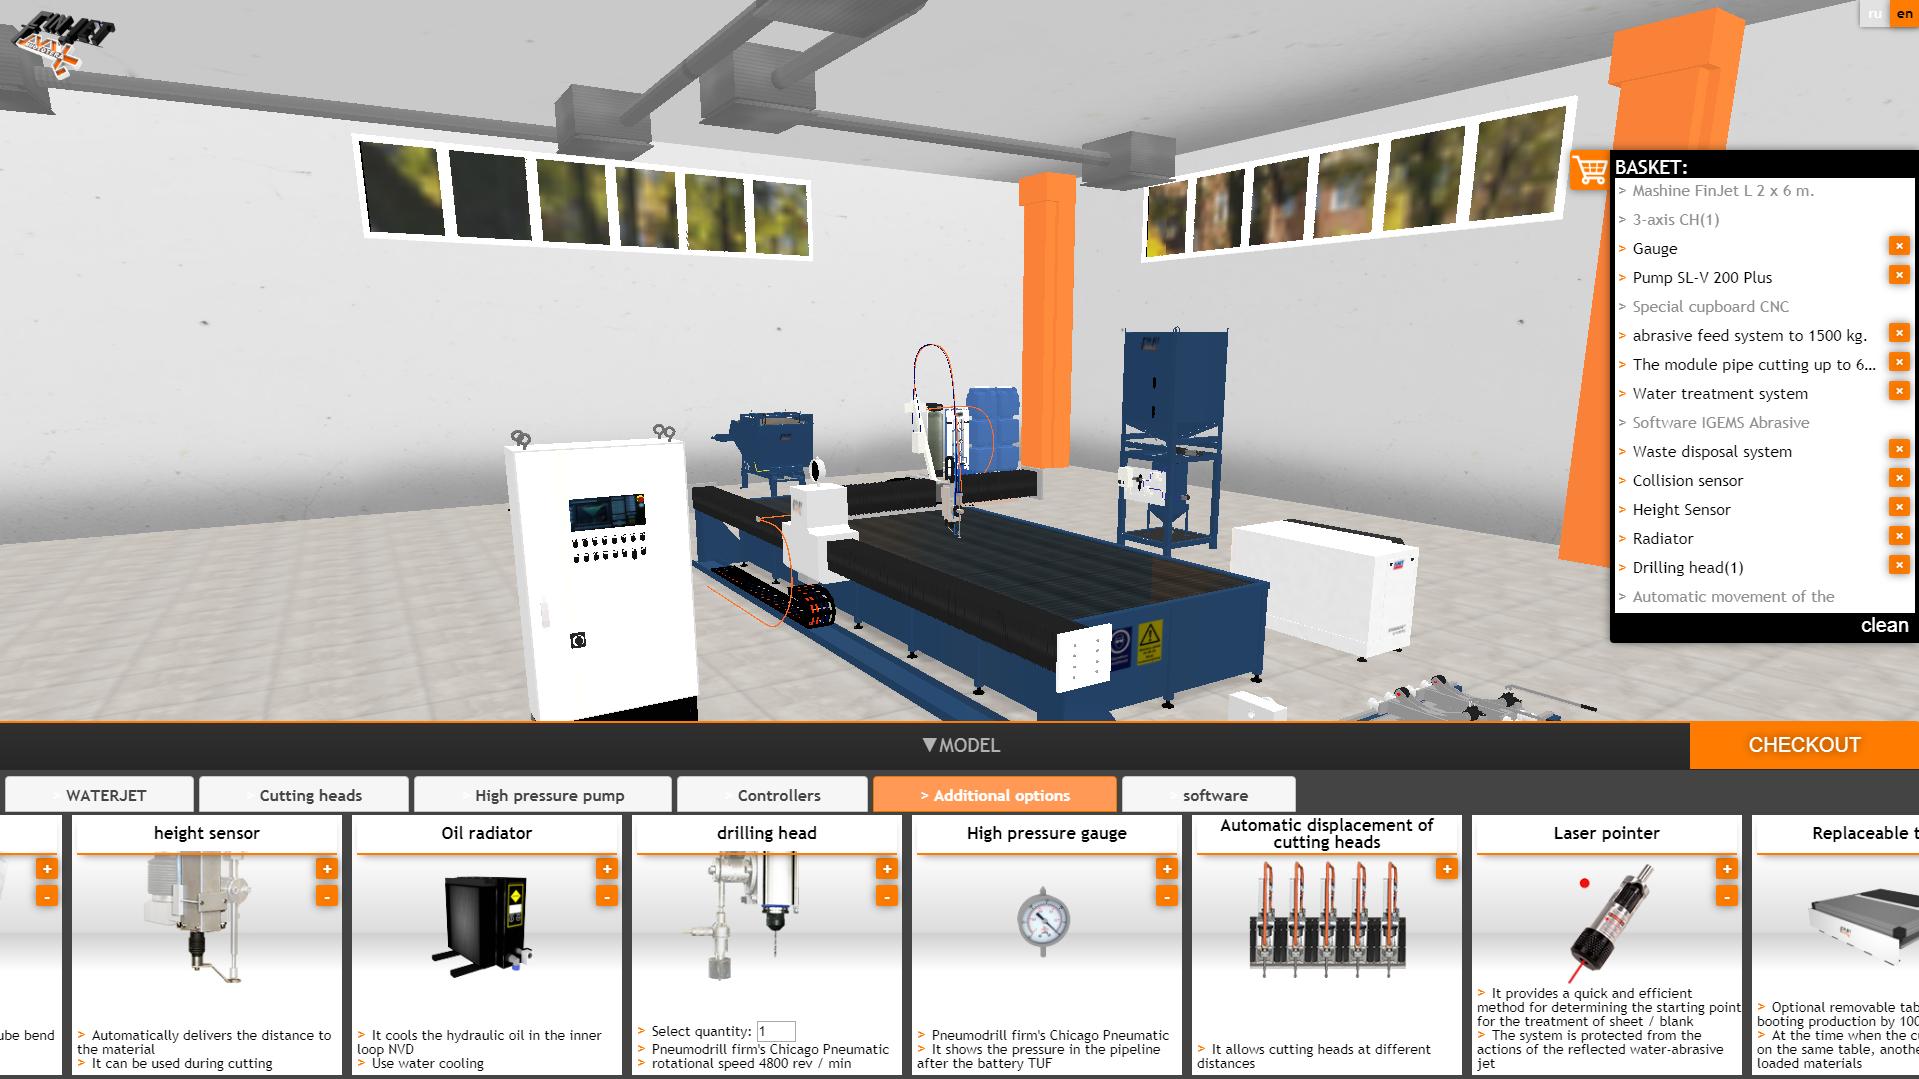 Online 3d конфигуратор промышленного оборудования на three.js